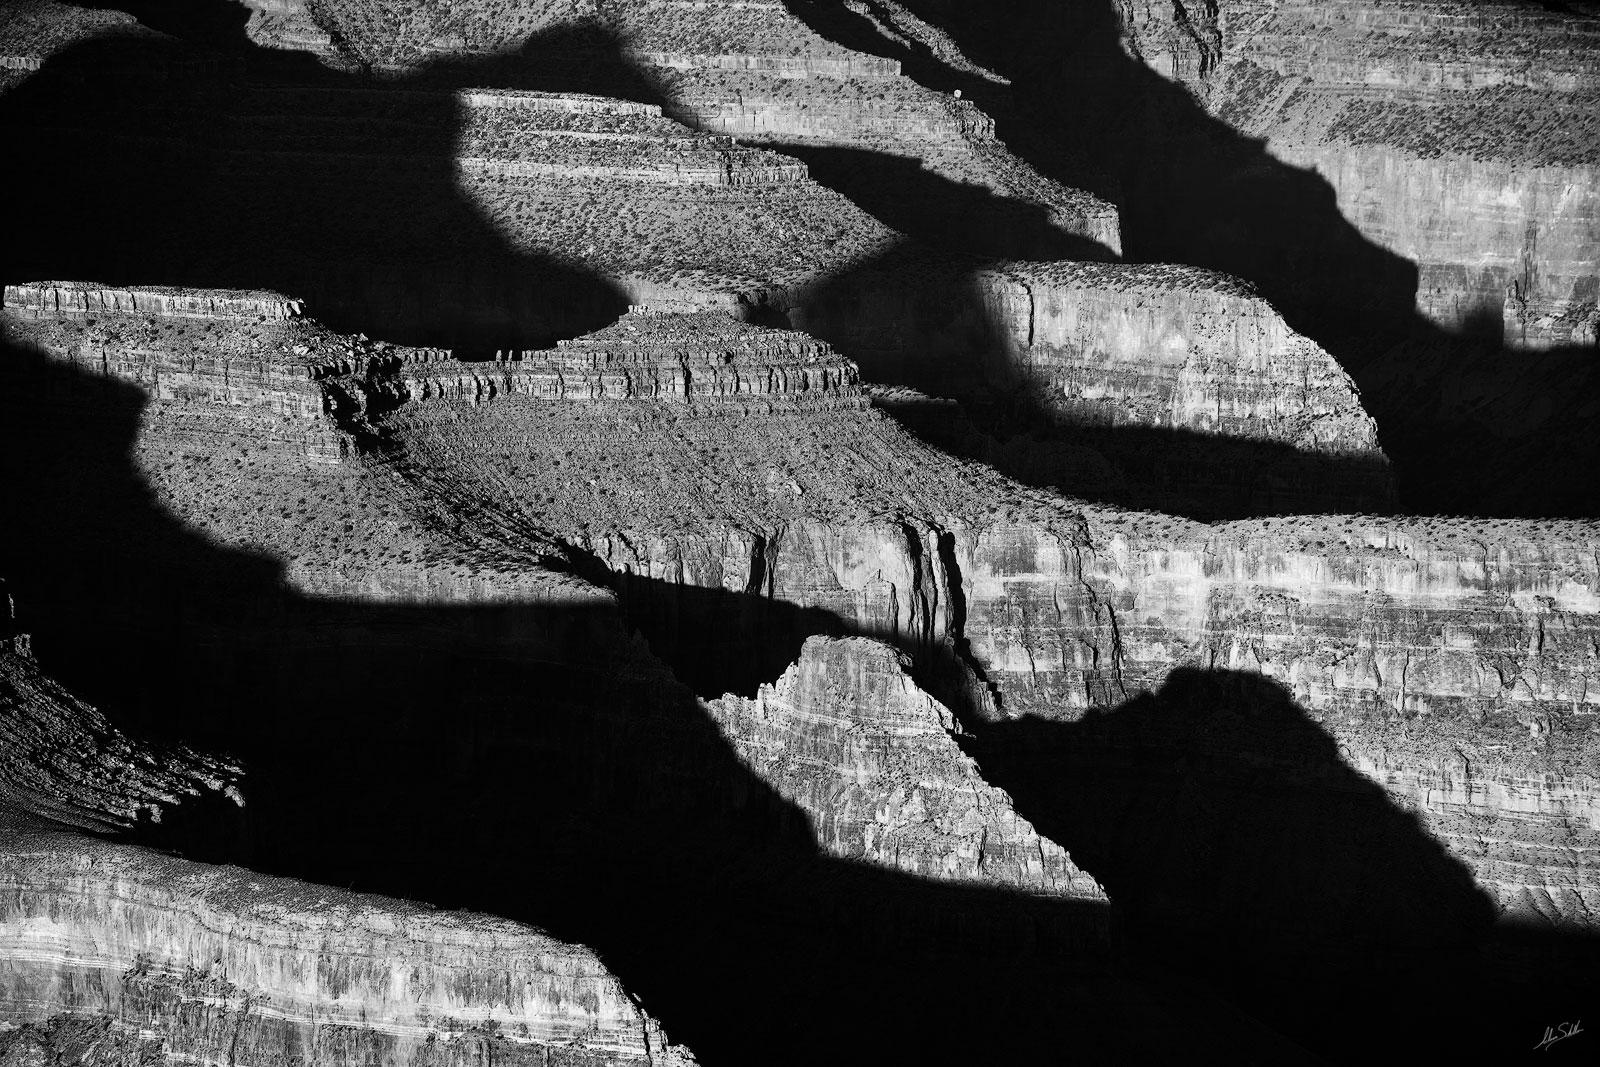 AZ, Arizona, Black & White, Grand Canyon, South Rim, photo